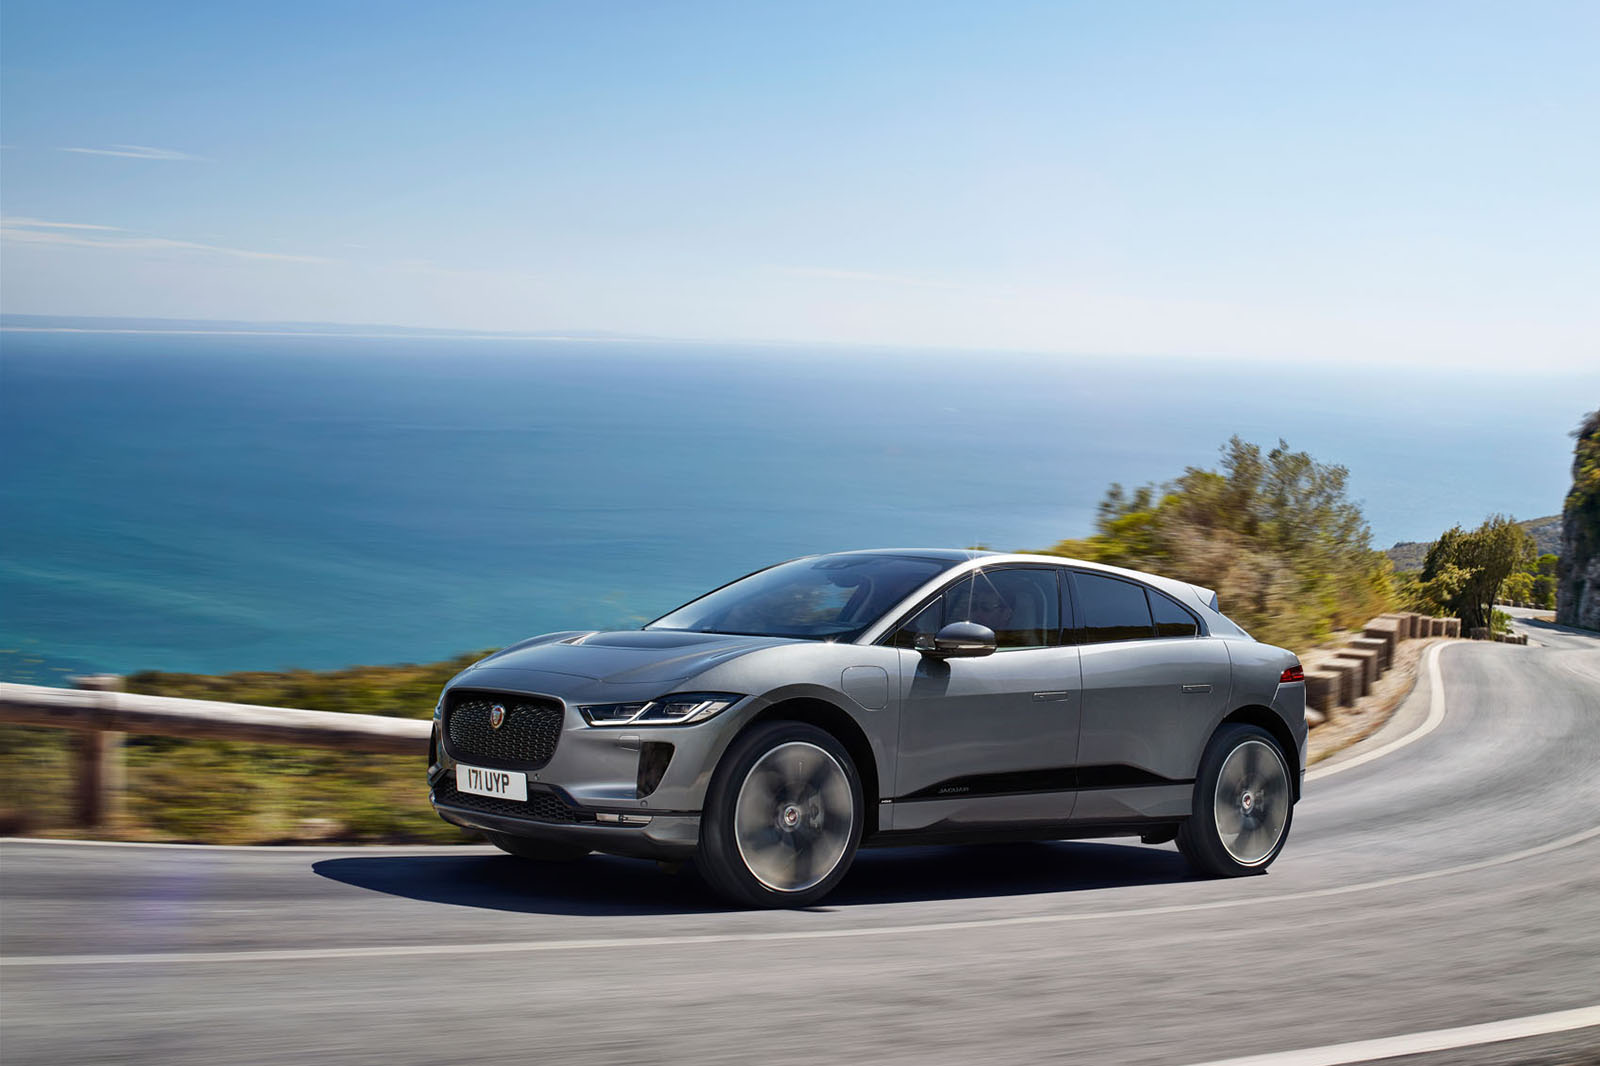 Jaguar I Pace: faster charging, better